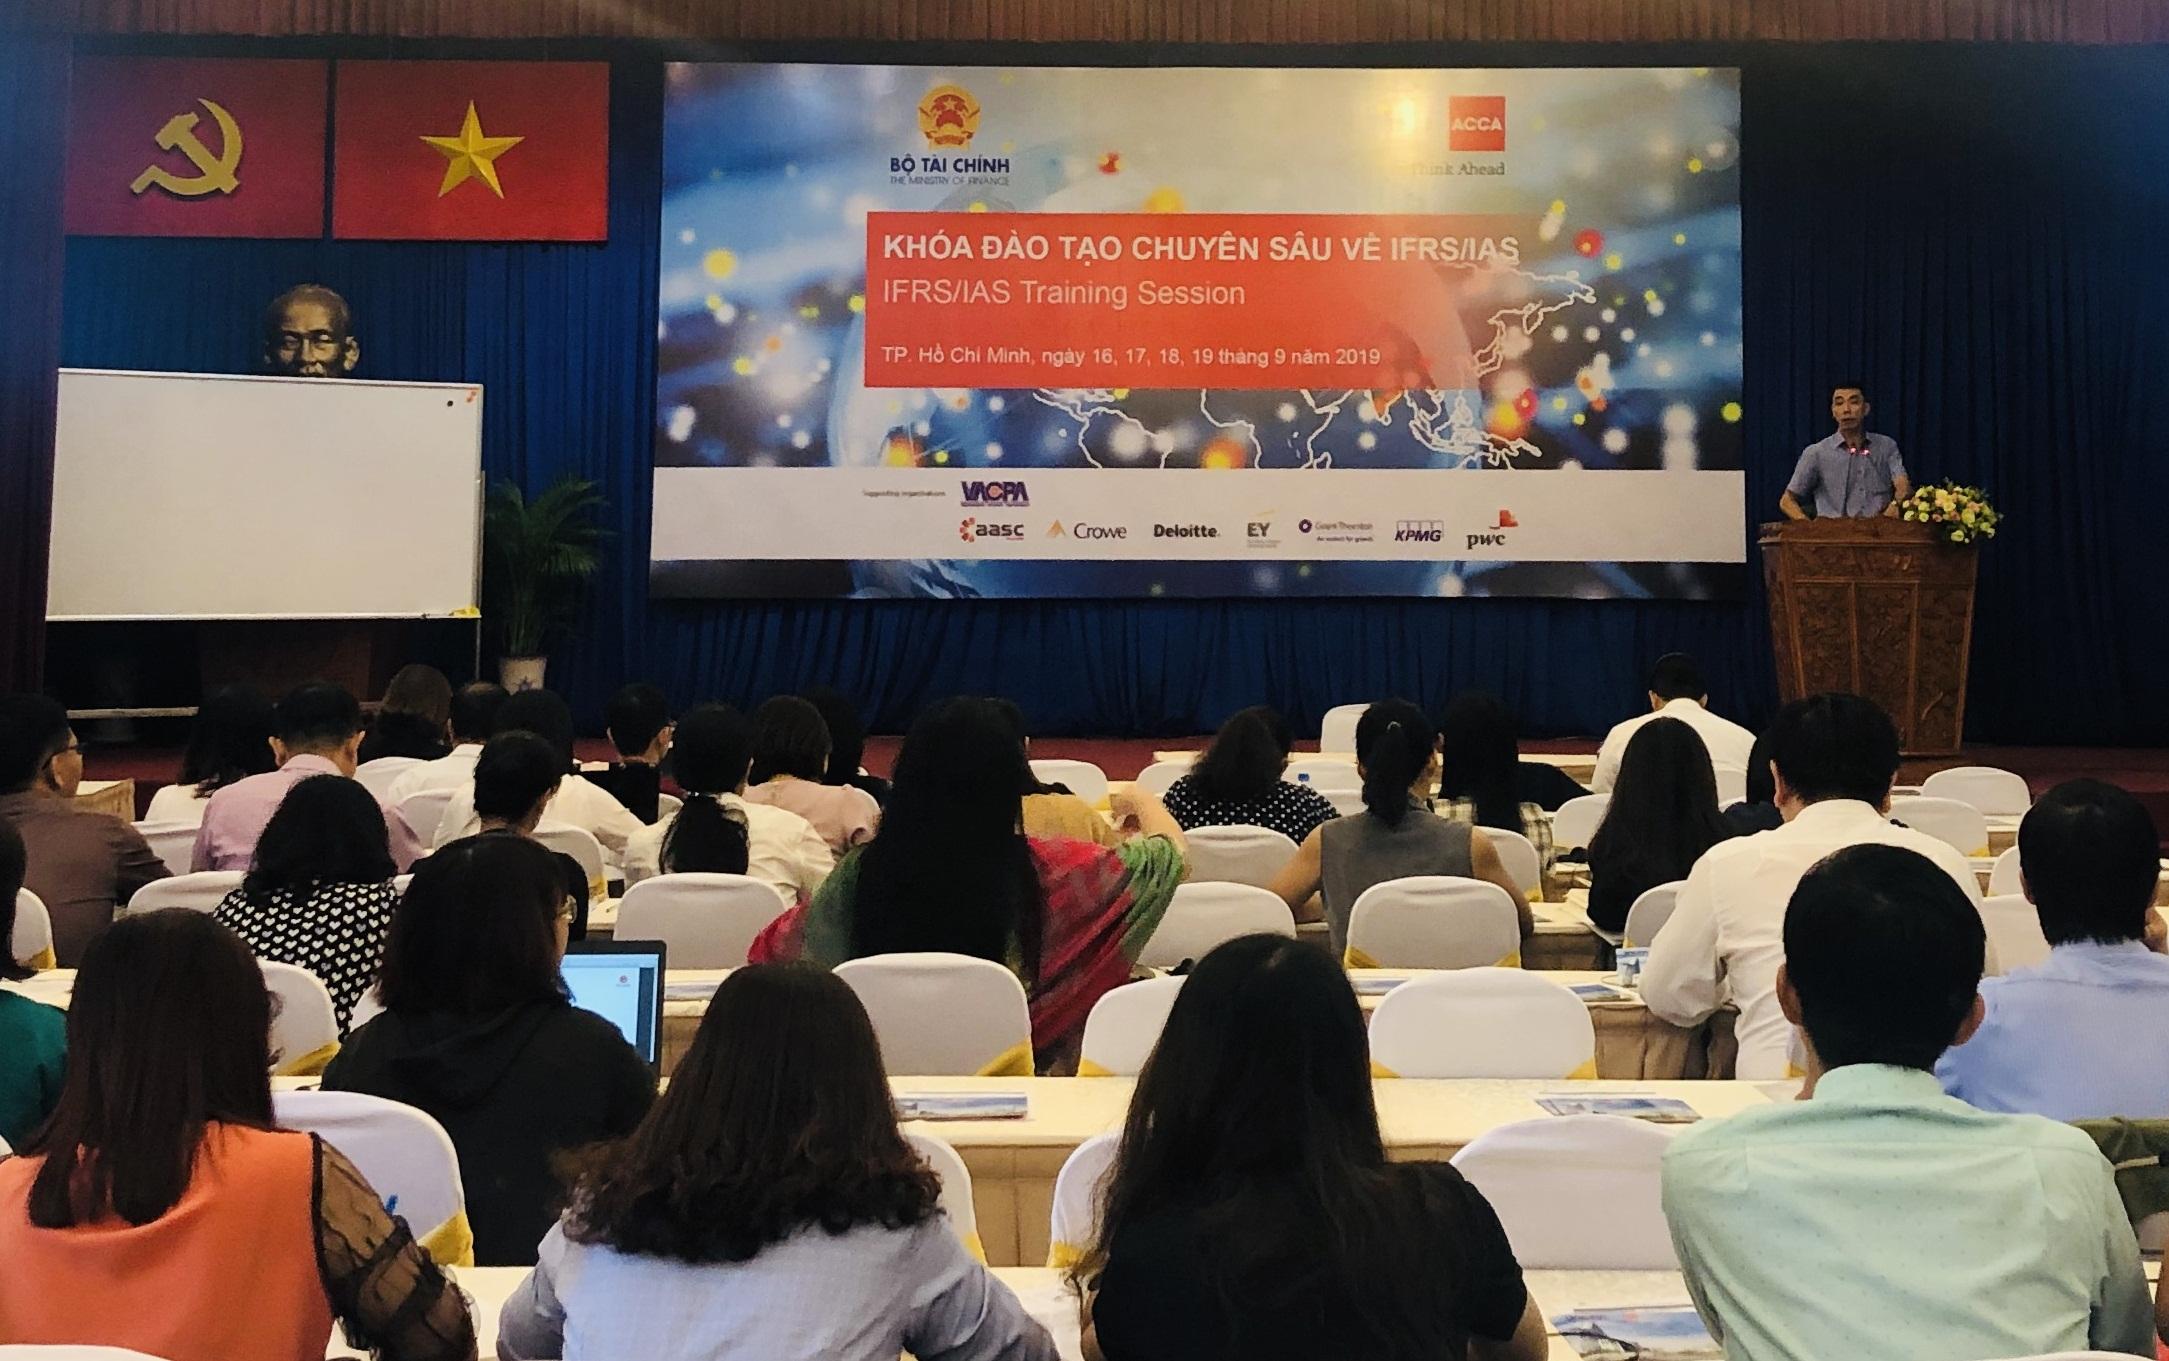 ACCA hỗ trợ Việt Nam trong việc áp dụng chuẩn mực kế toán quốc tế